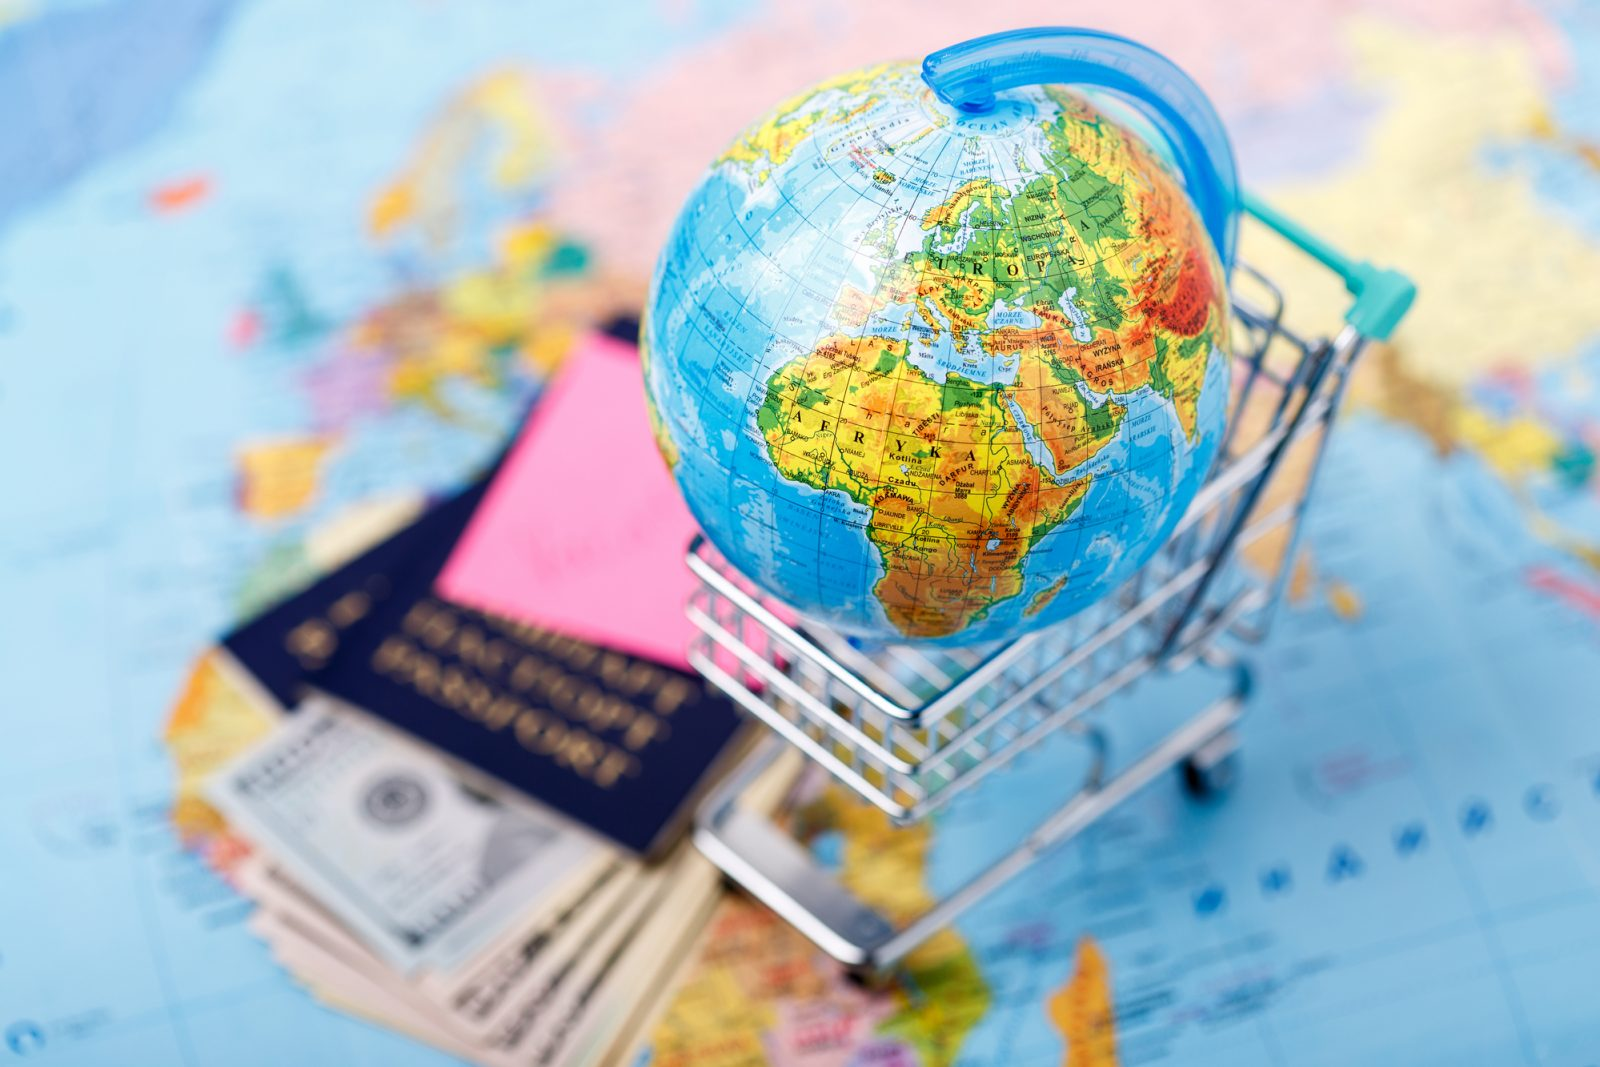 Фото про паспорта, земной шар, деньги и путешествия